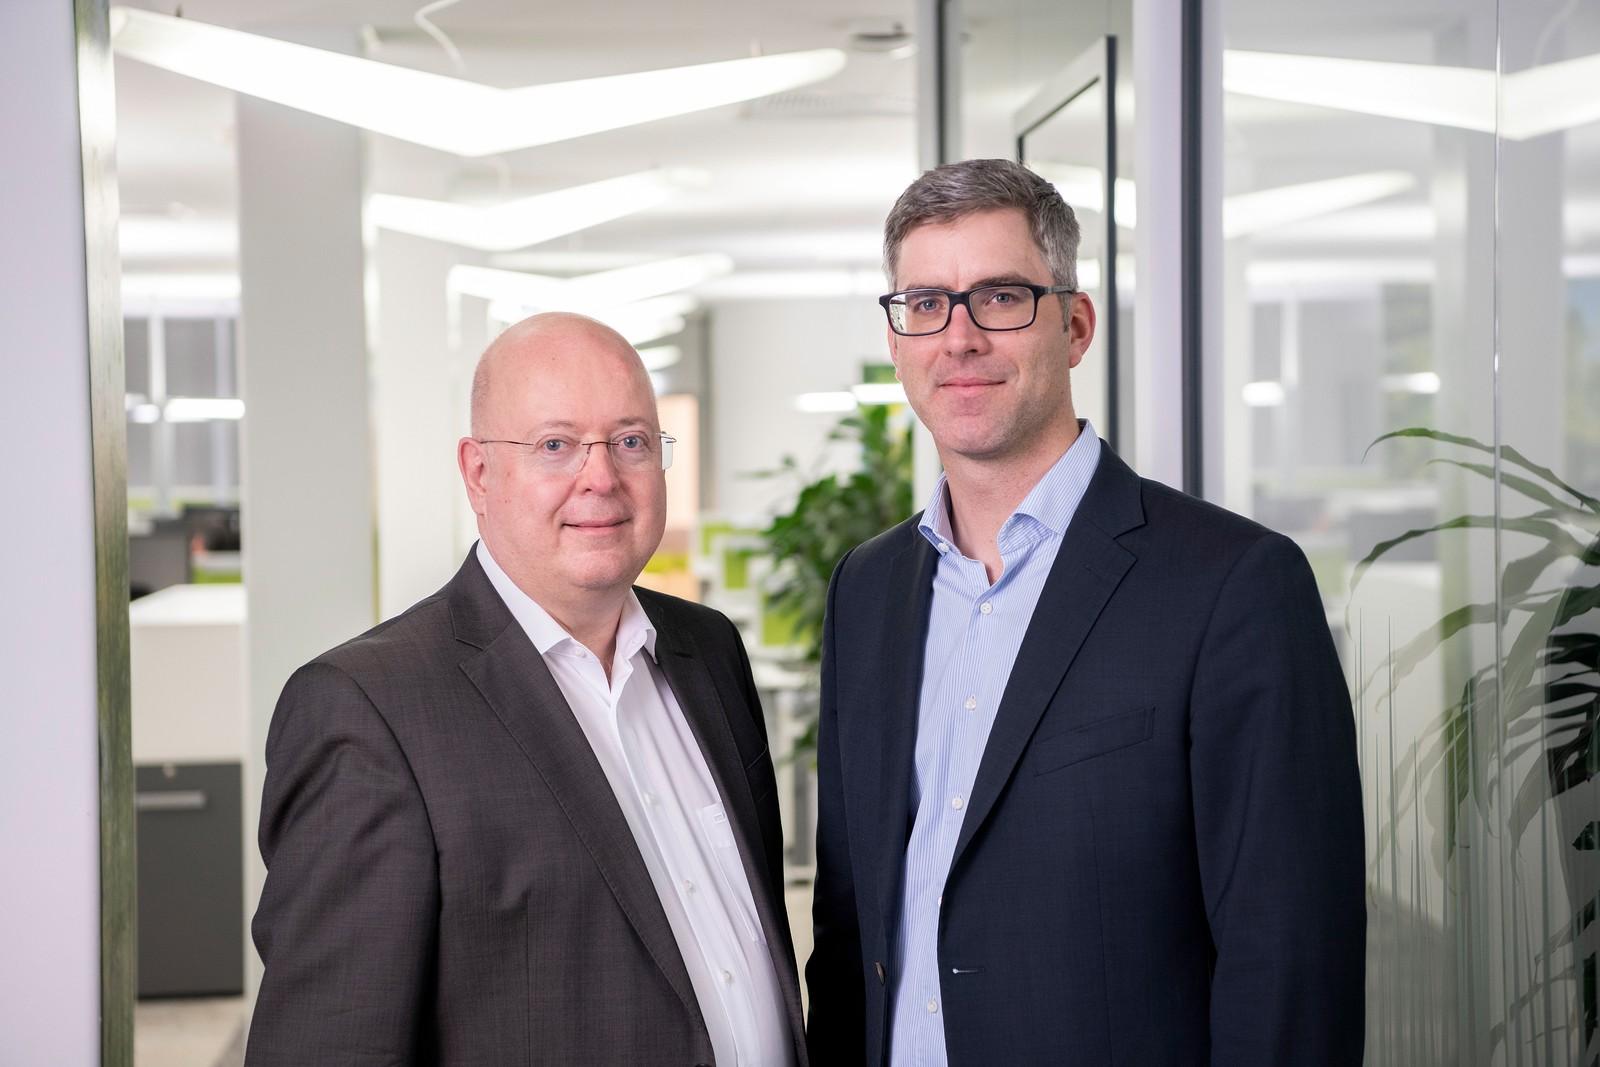 Die neue Doppelspitze in der Geschäftsführung bei Bühler Motor: Peter Muhr (li.) und Mark Furtwängler